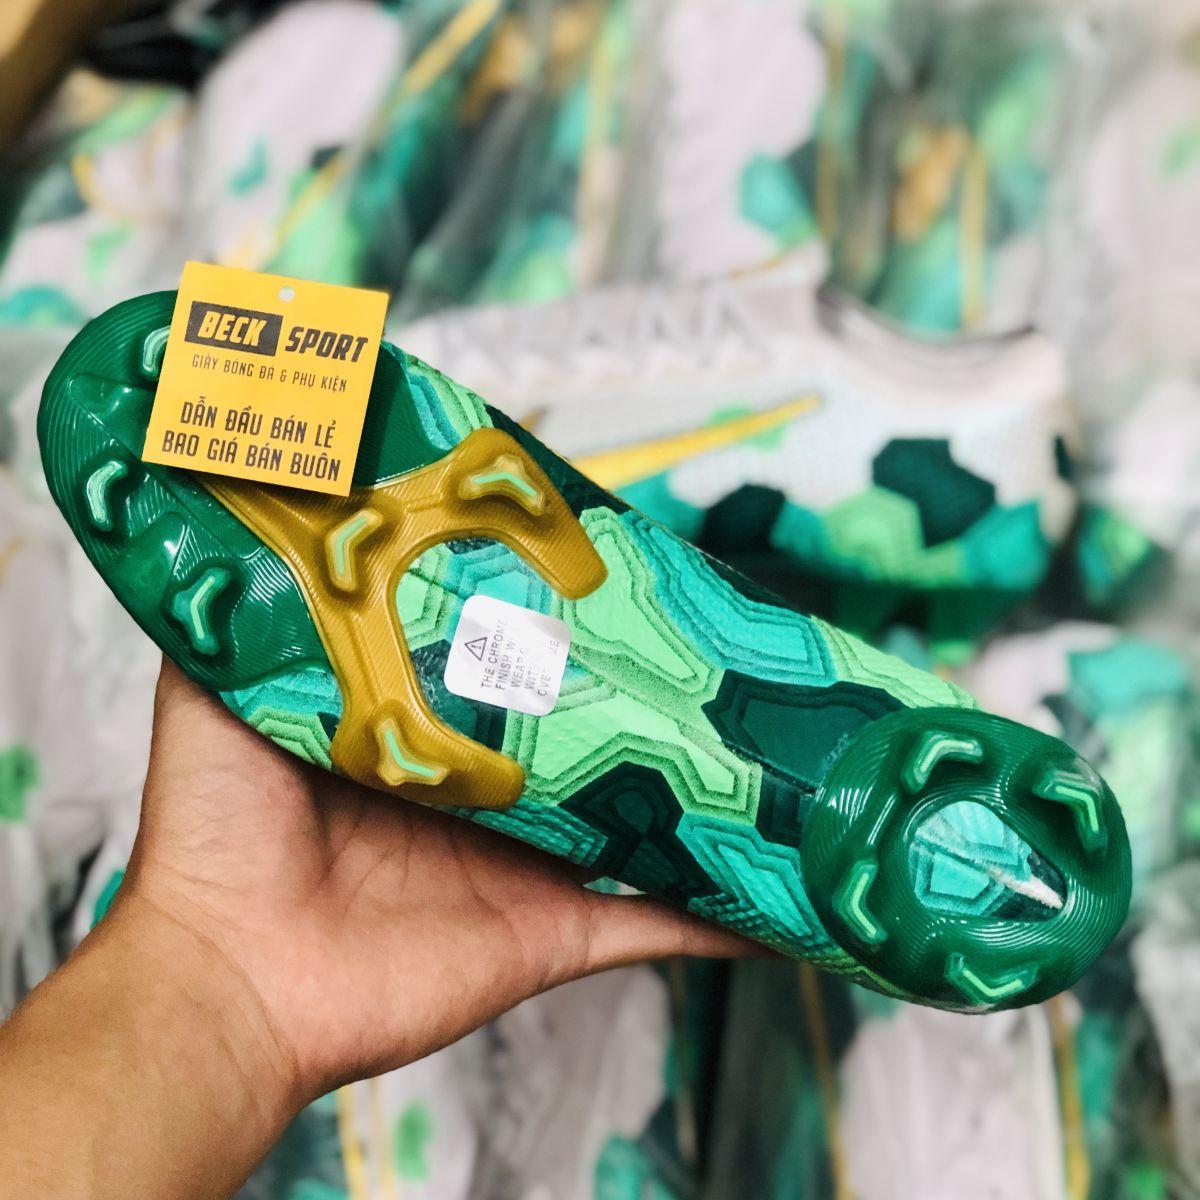 Giày Bóng Đá Nike Mercurial Vapor 13 Elite Mbappe Xám Xanh Lục Vạch Vàng V2 FG